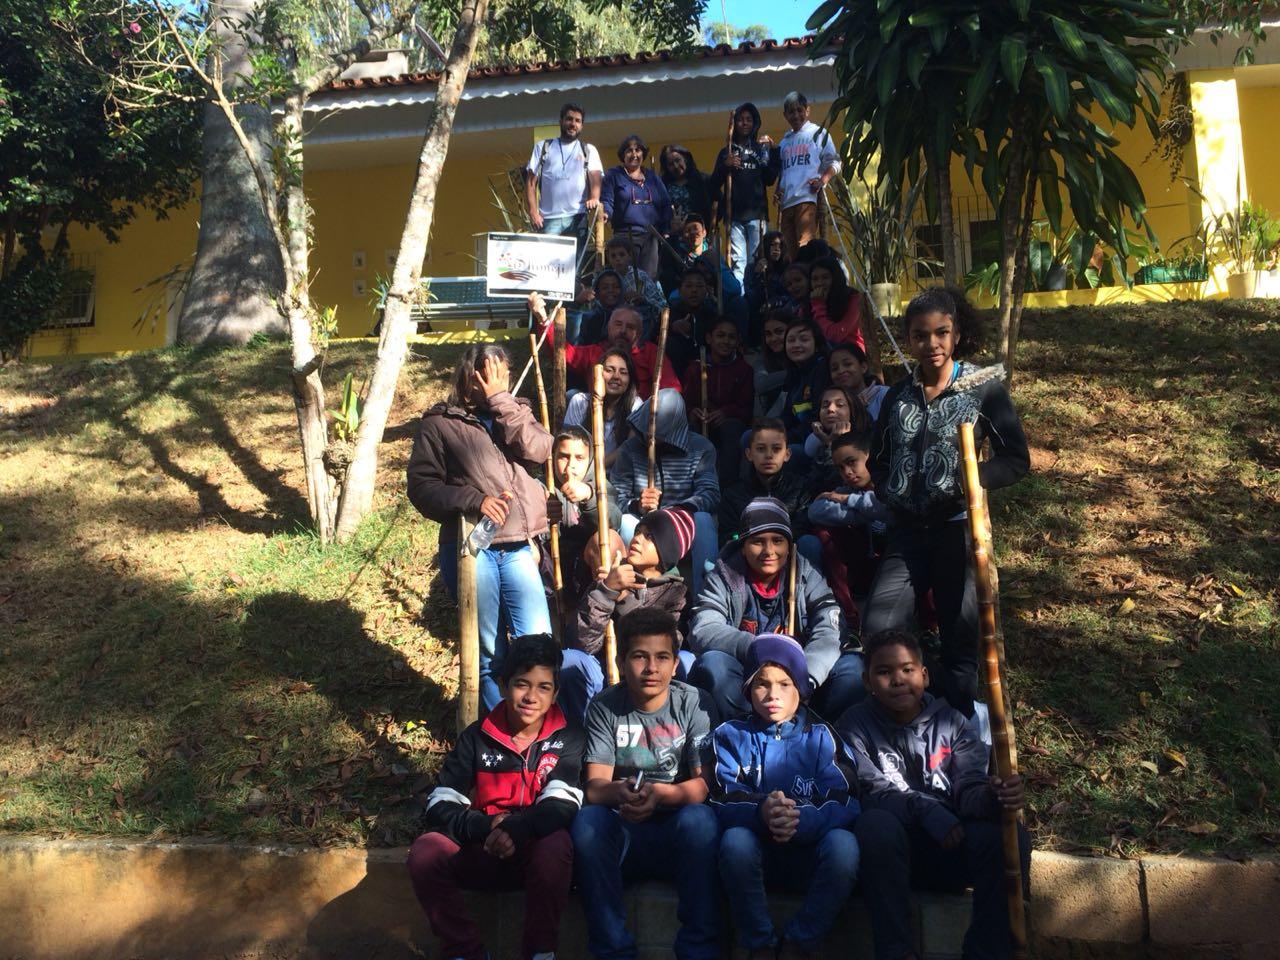 Conh. Extrema com Escola José Sebastião Morbidelli 24 e 25.05.18